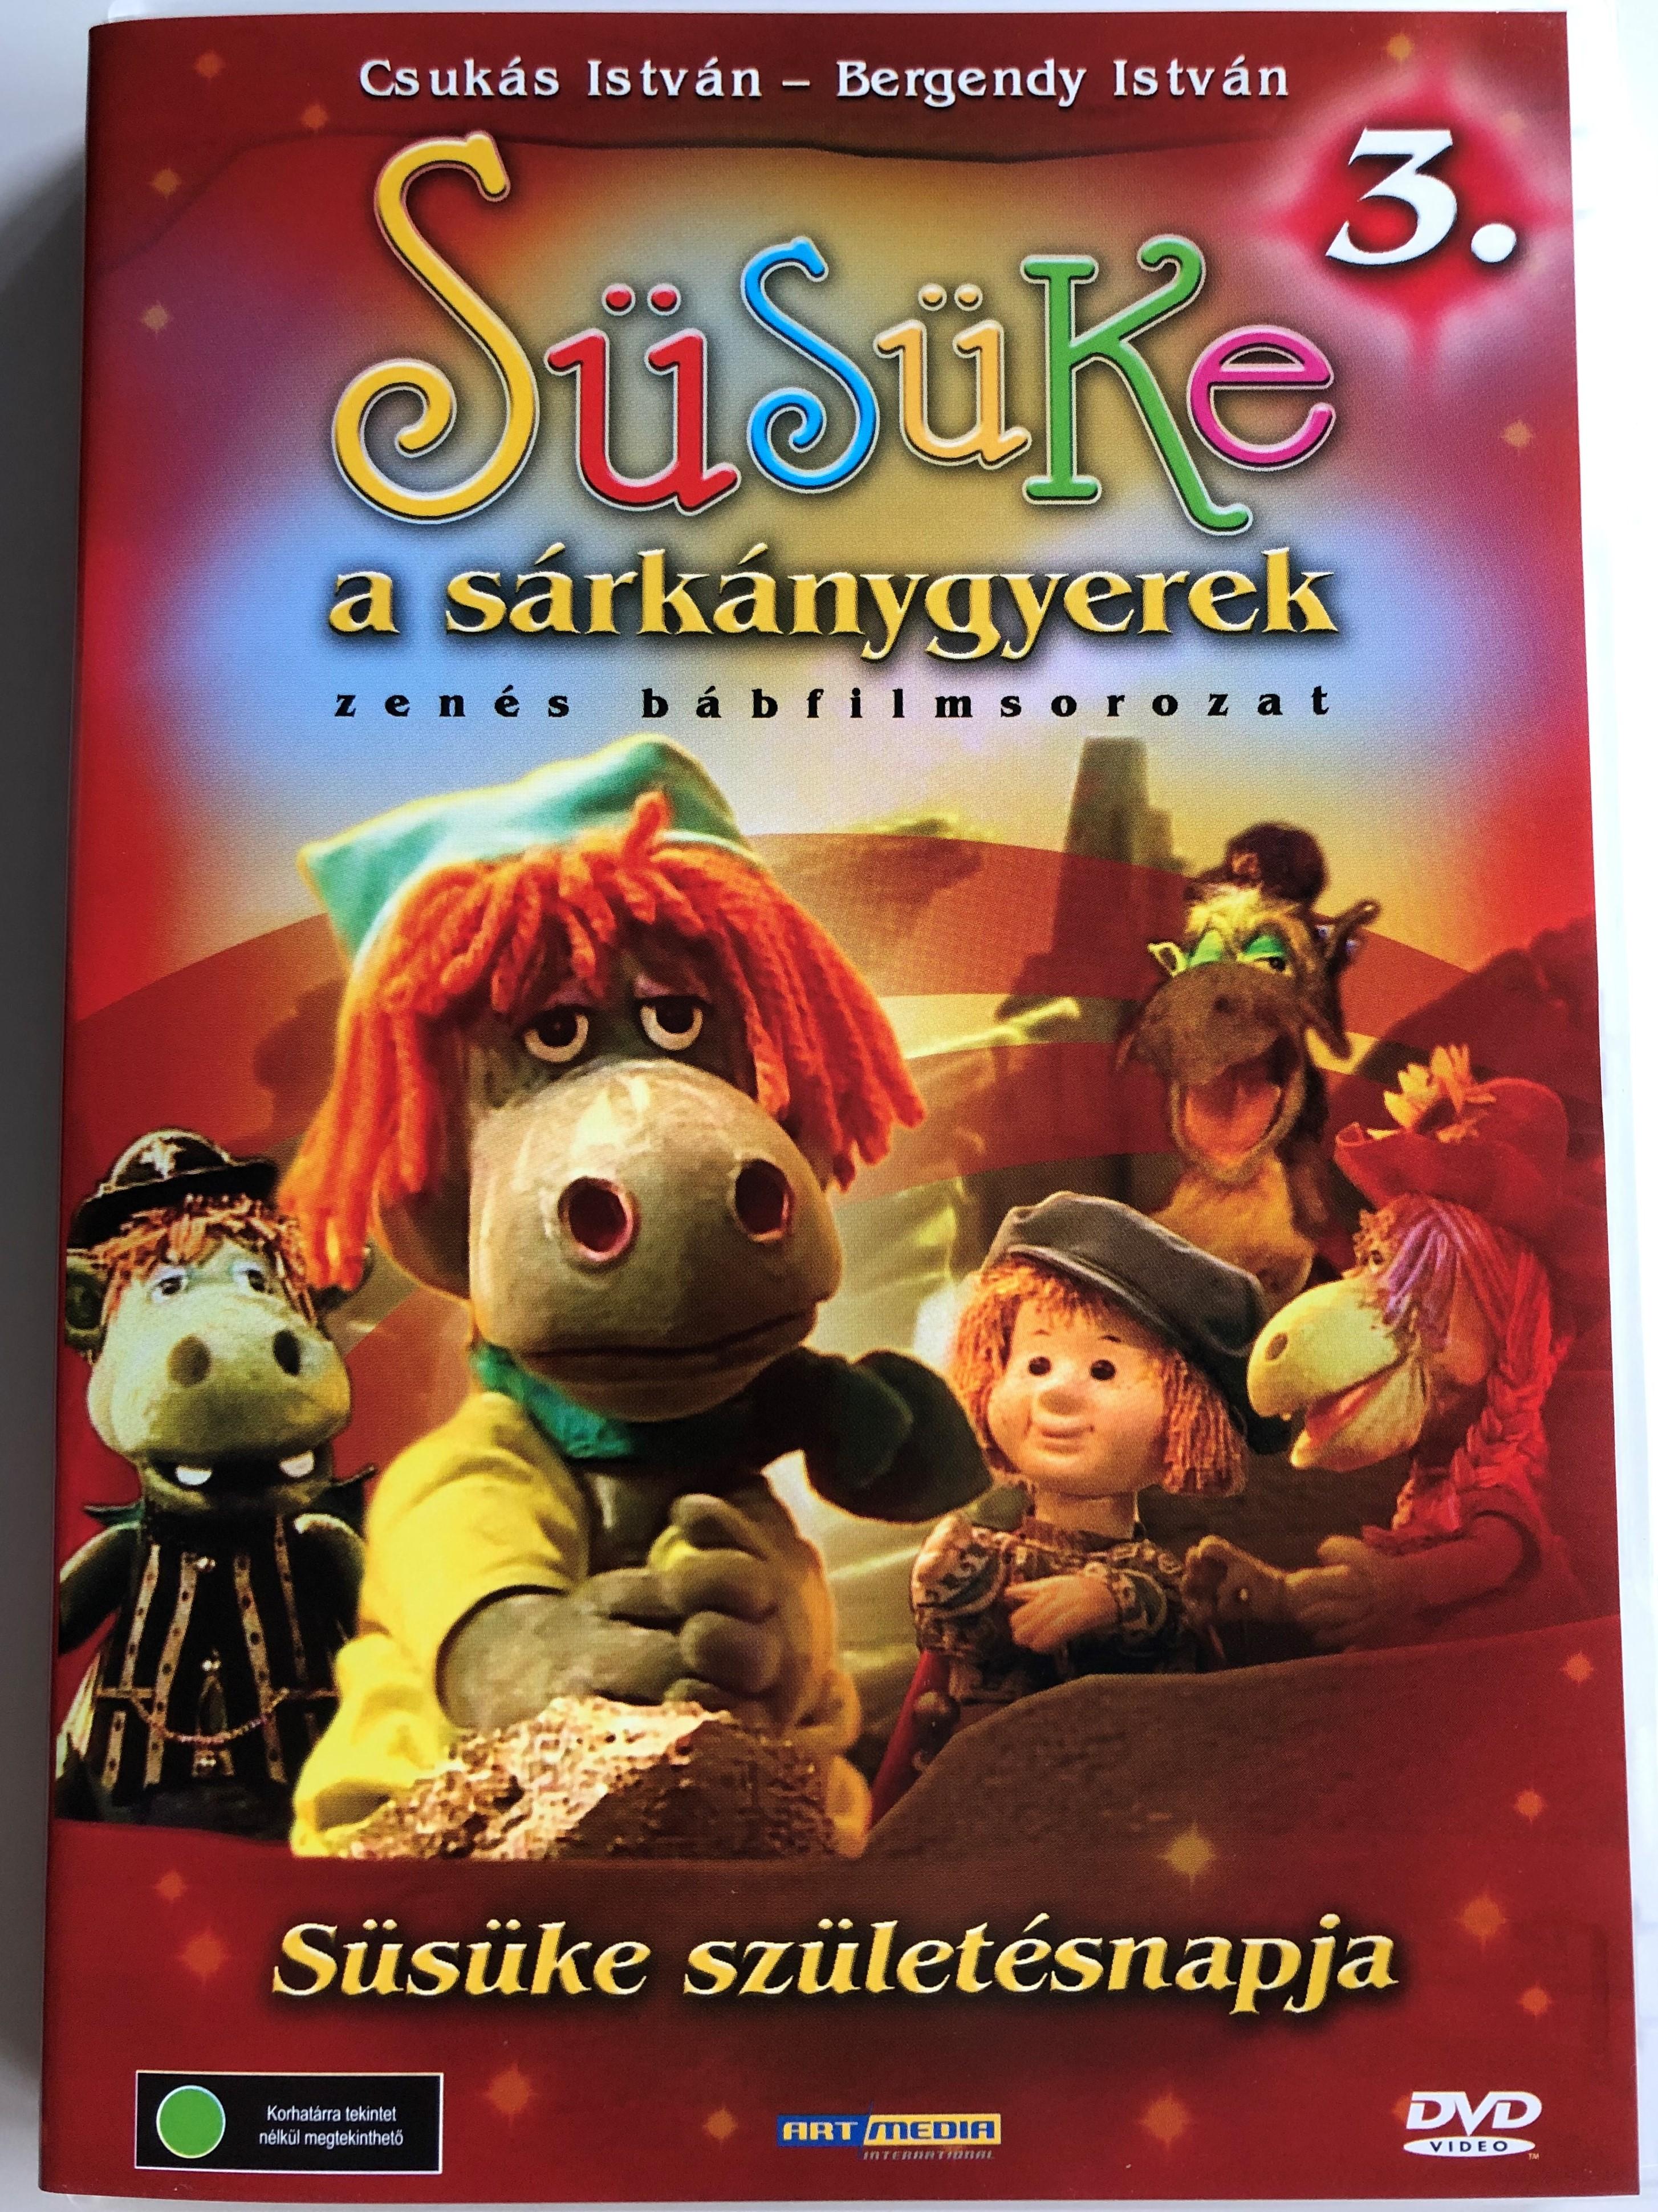 s-s-ke-a-s-rk-nygyerek-3.-dvd-2001-s-s-ke-sz-let-snapja-1.jpg